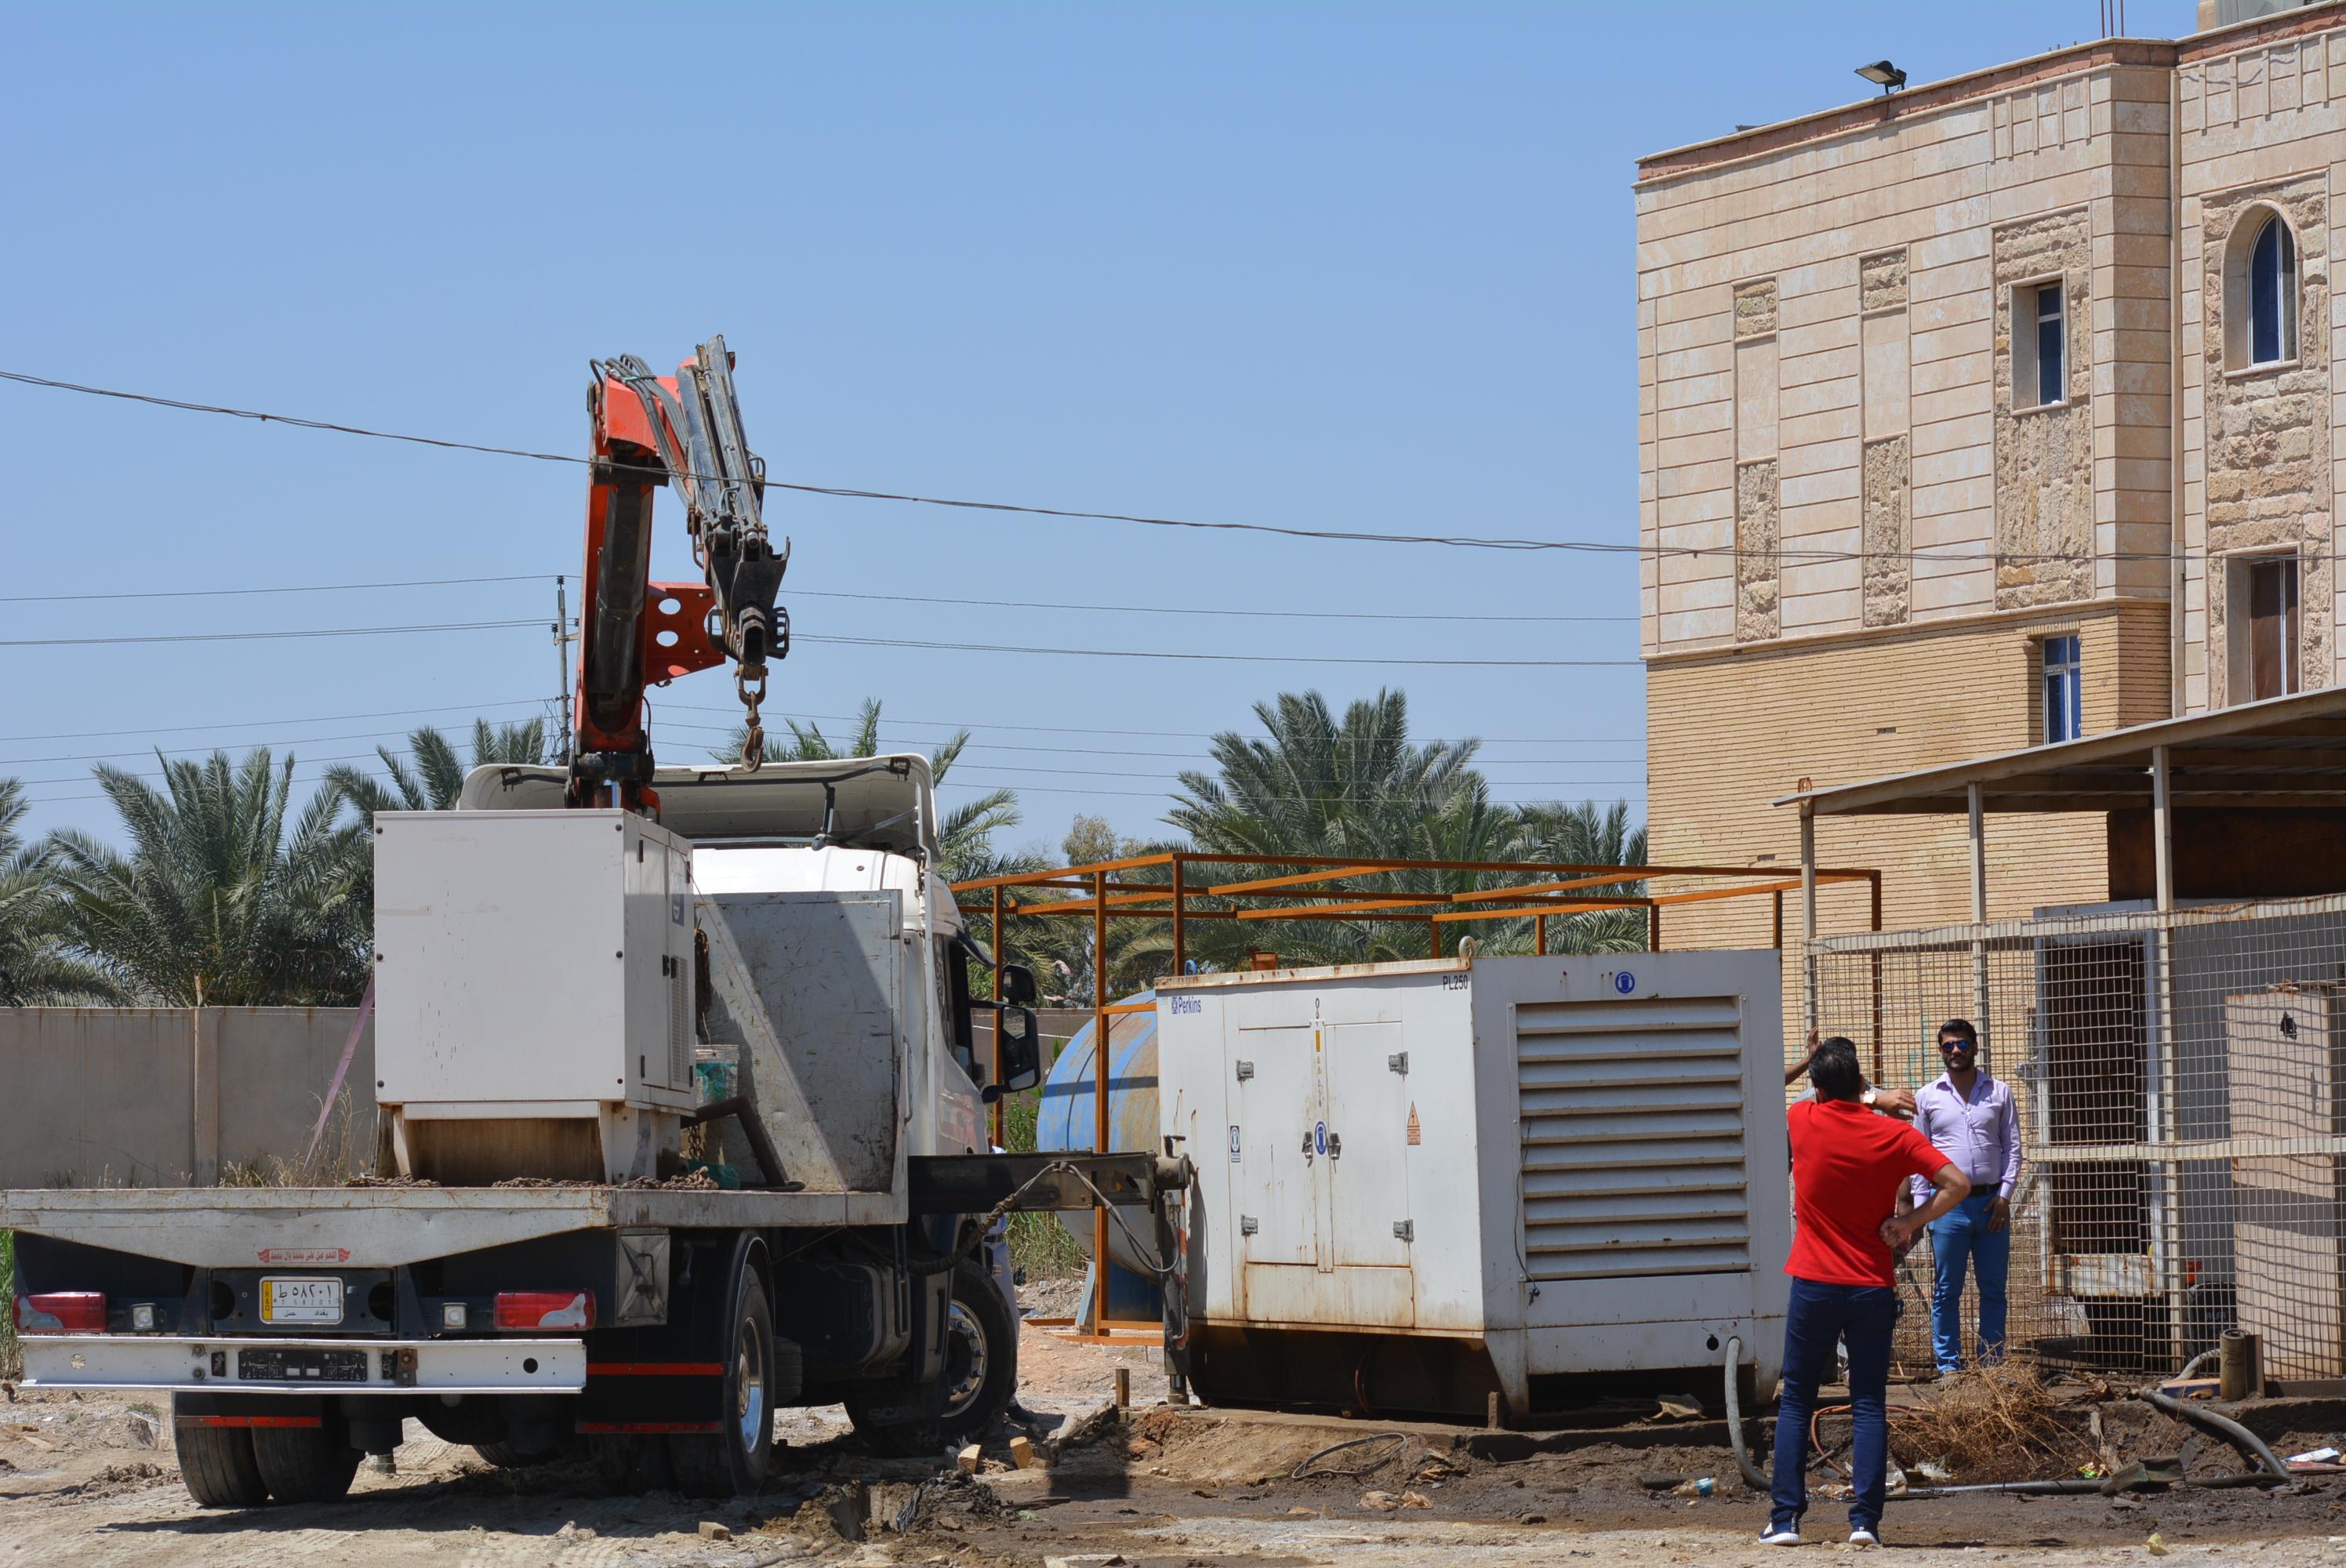 وحدة المتابعة في قسم شؤون الاقسام الداخلية في جامعة كربلاء تشرف على اعمال الصيانة في مجمع الطالبات